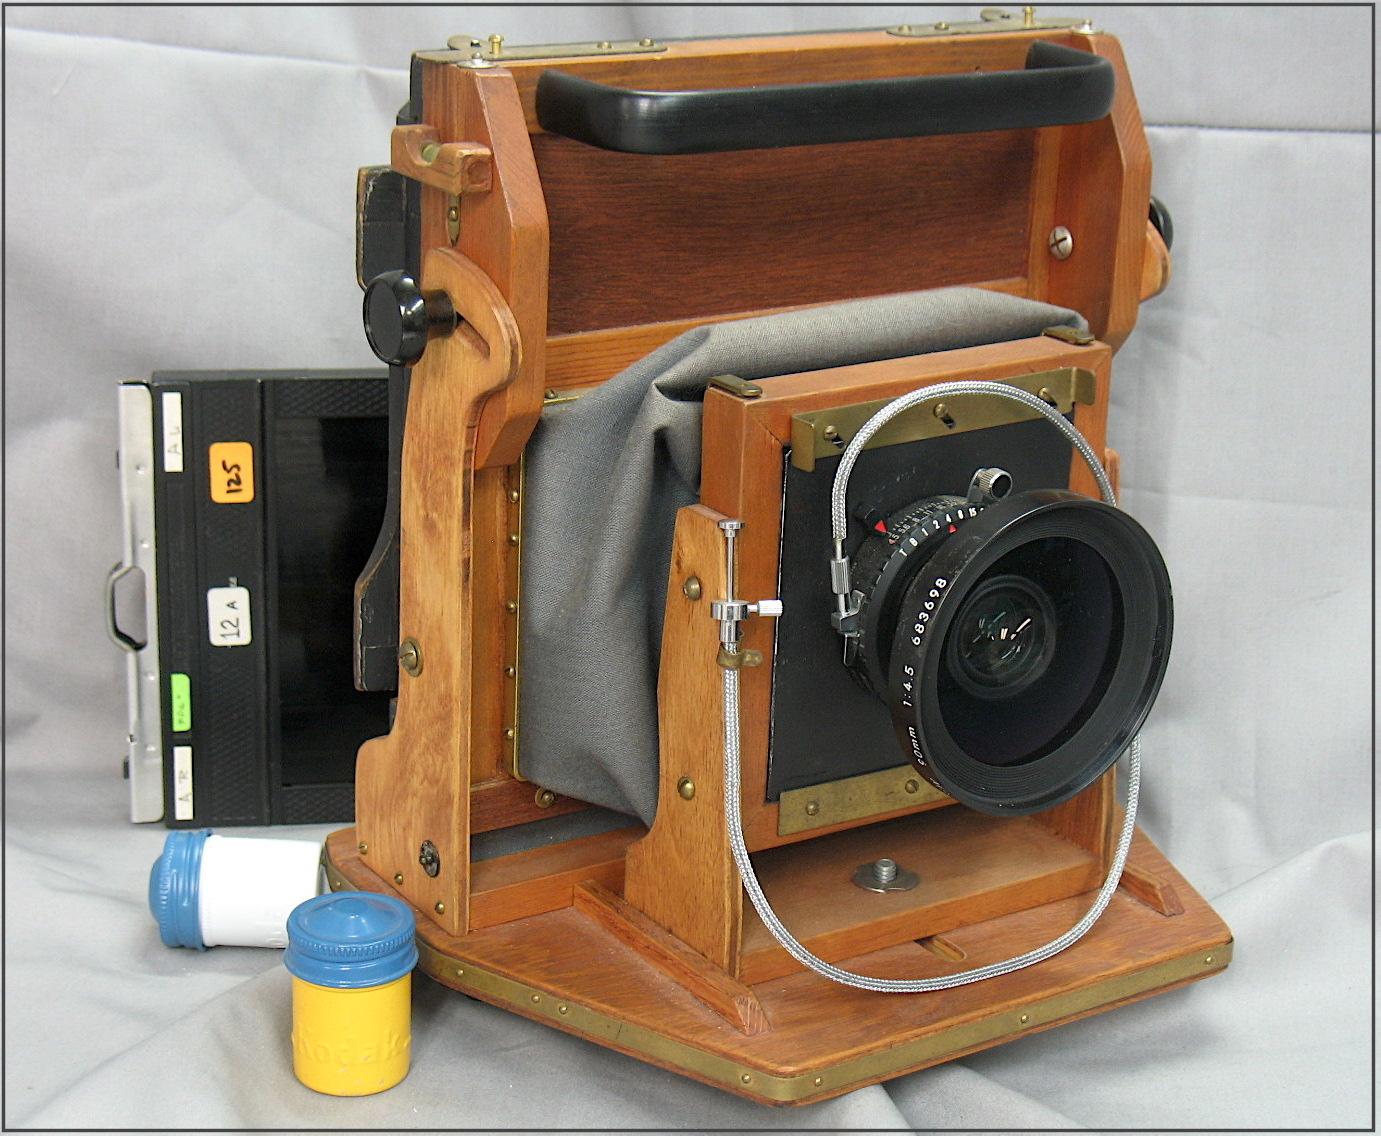 617 camera_1102 2.JPG